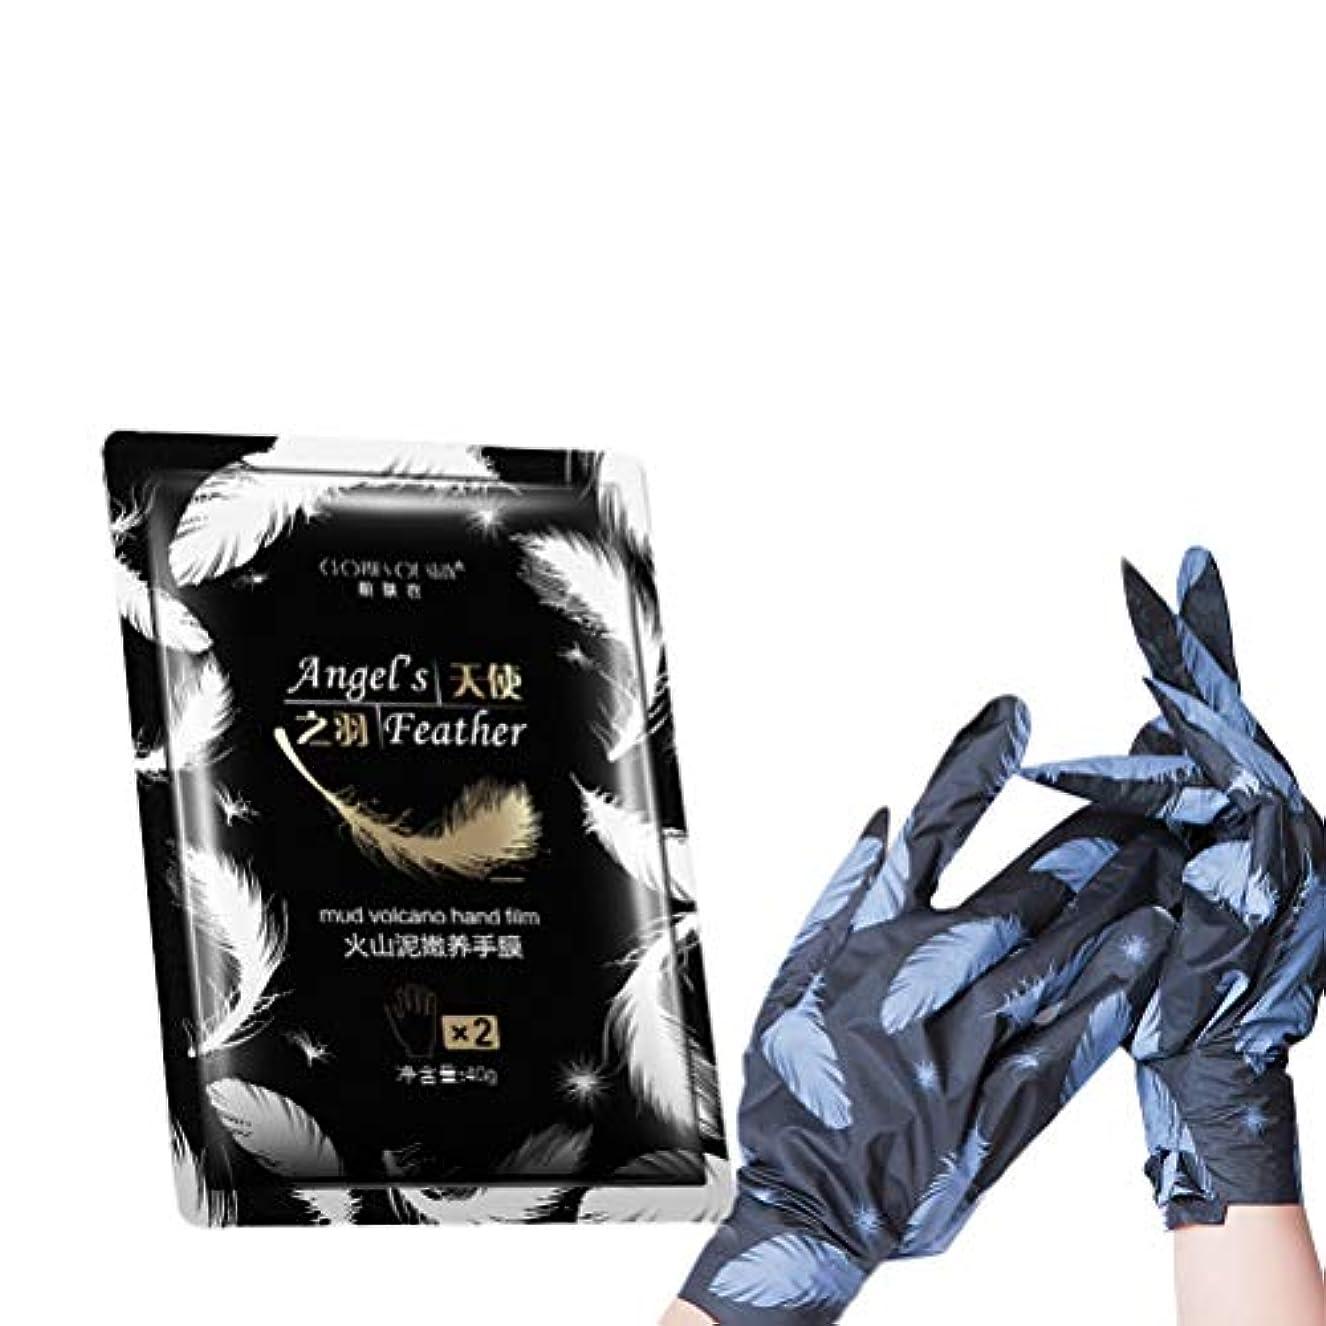 保守的香ばしい一般的に言えばHealifty ハンドマスク保湿1対の火山泥ハンドマスクホワイトニング剥離ハンドスパマスクキューティクル取り外し手袋